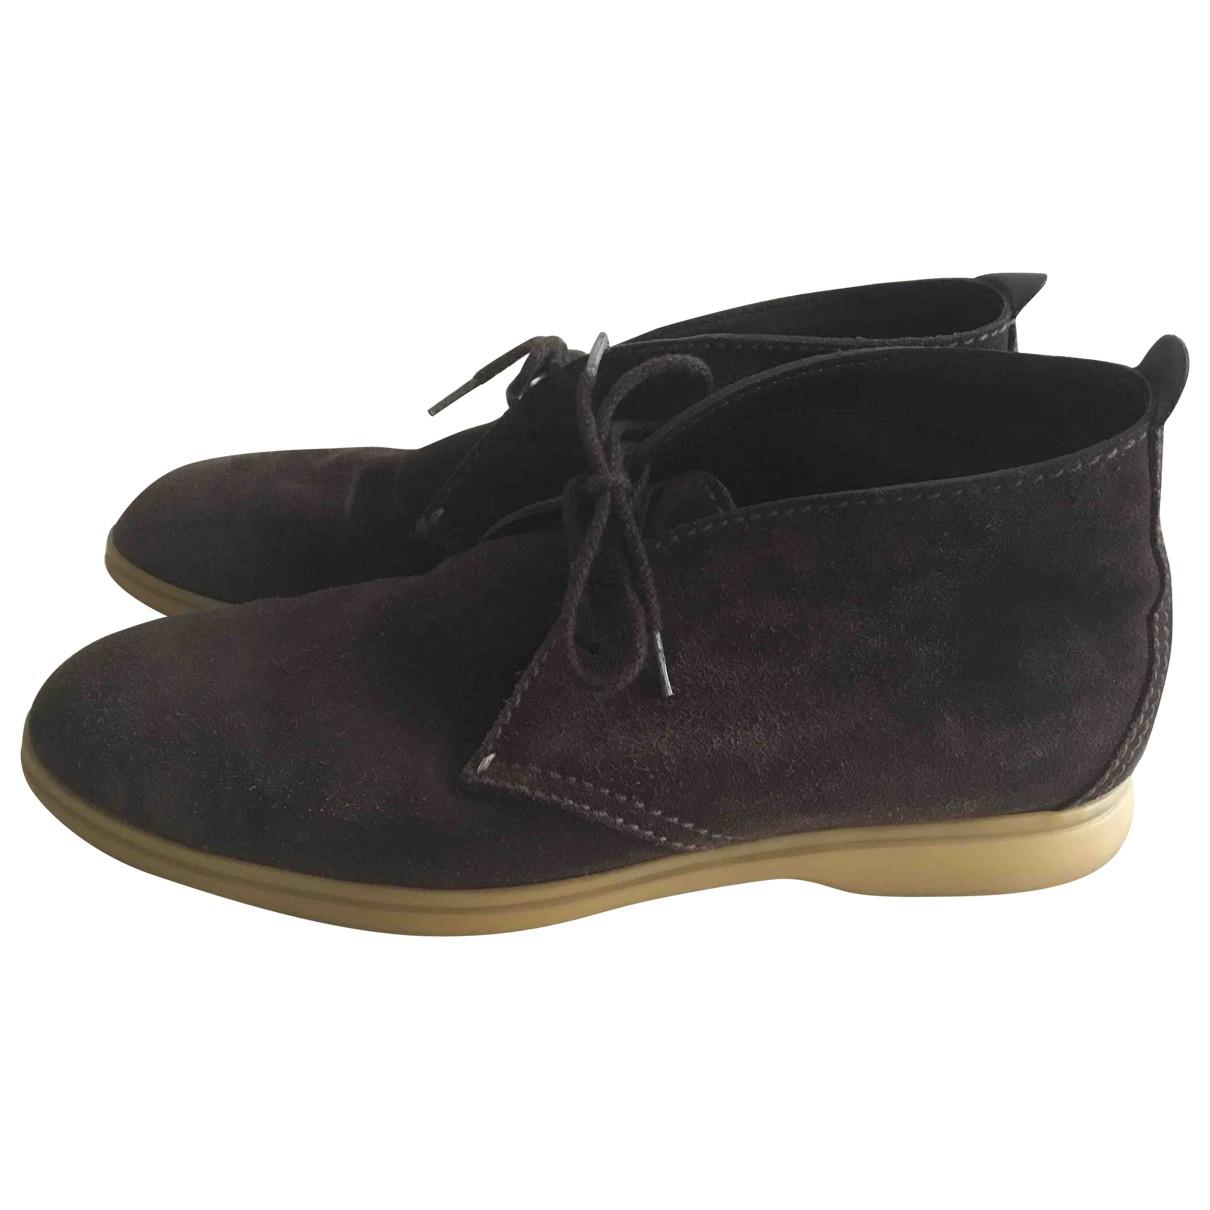 Loro Piana - Bottes.Boots   pour homme en suede - marron